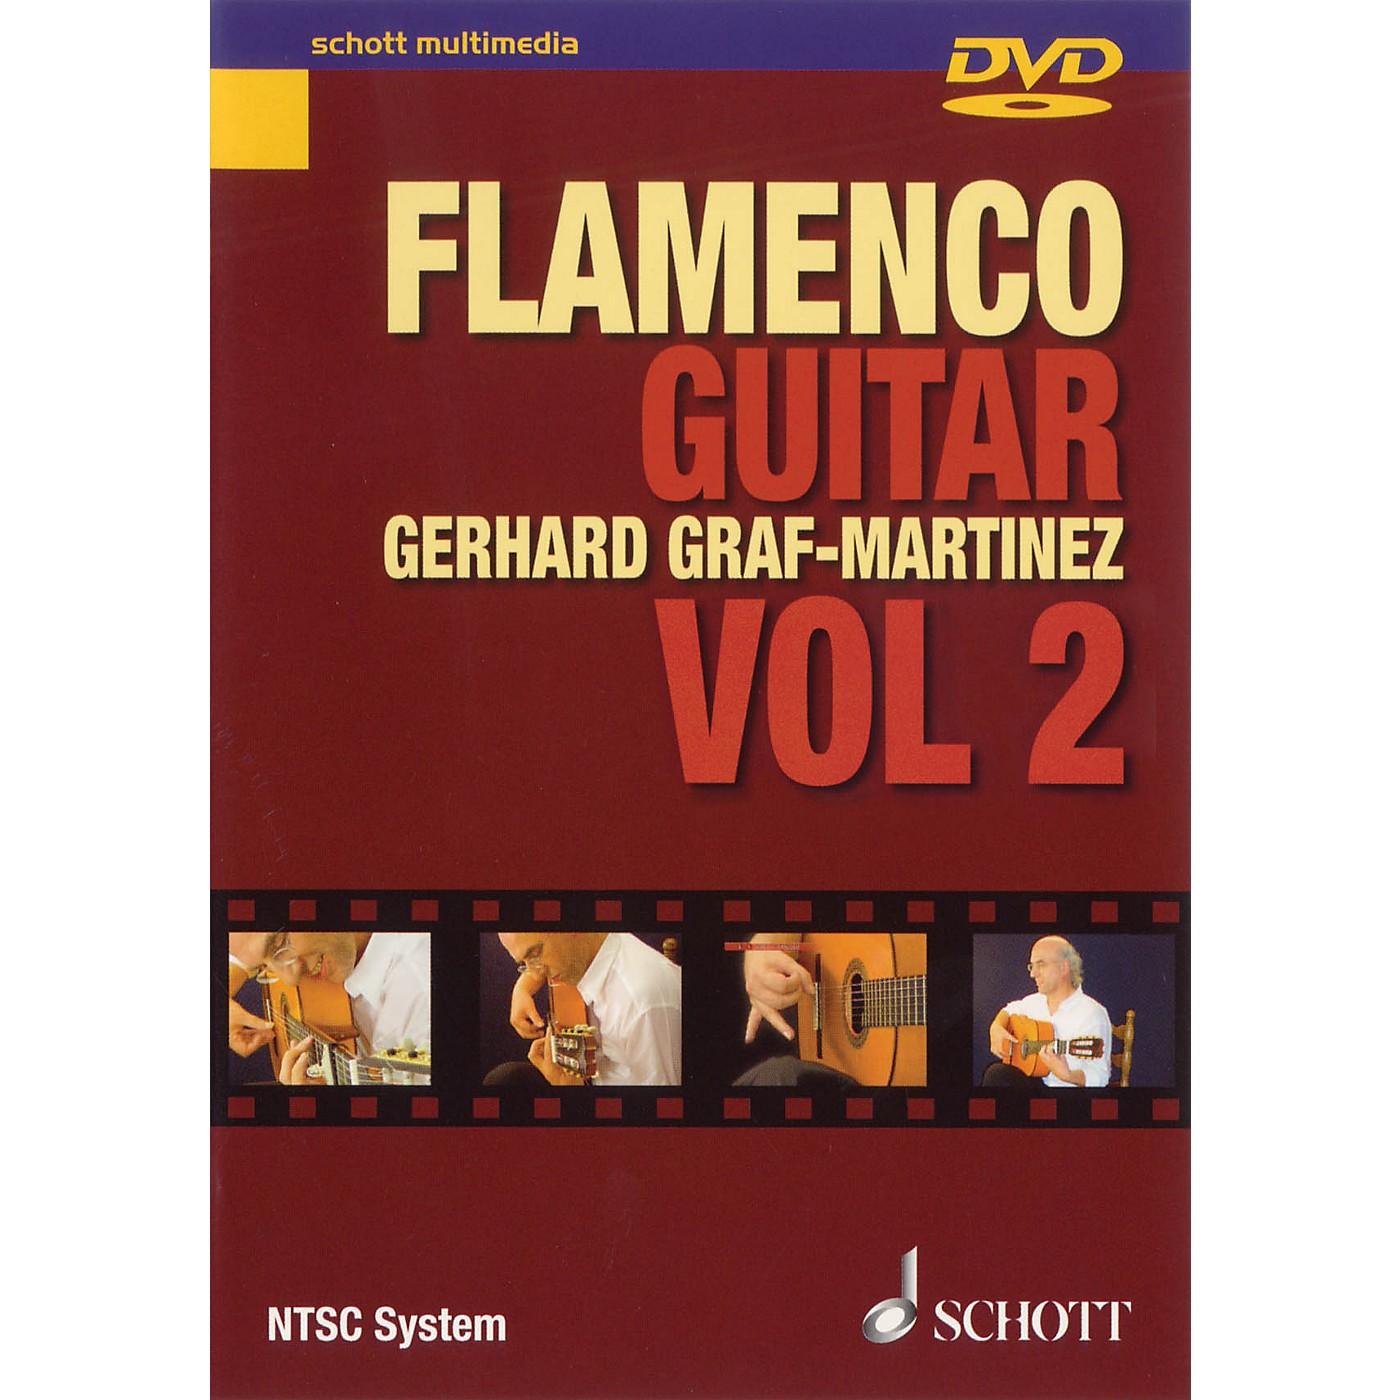 Schott Flamenco Guitar Vol. 2 Schott Series DVD Written by Gerhard Graf-Martinez thumbnail